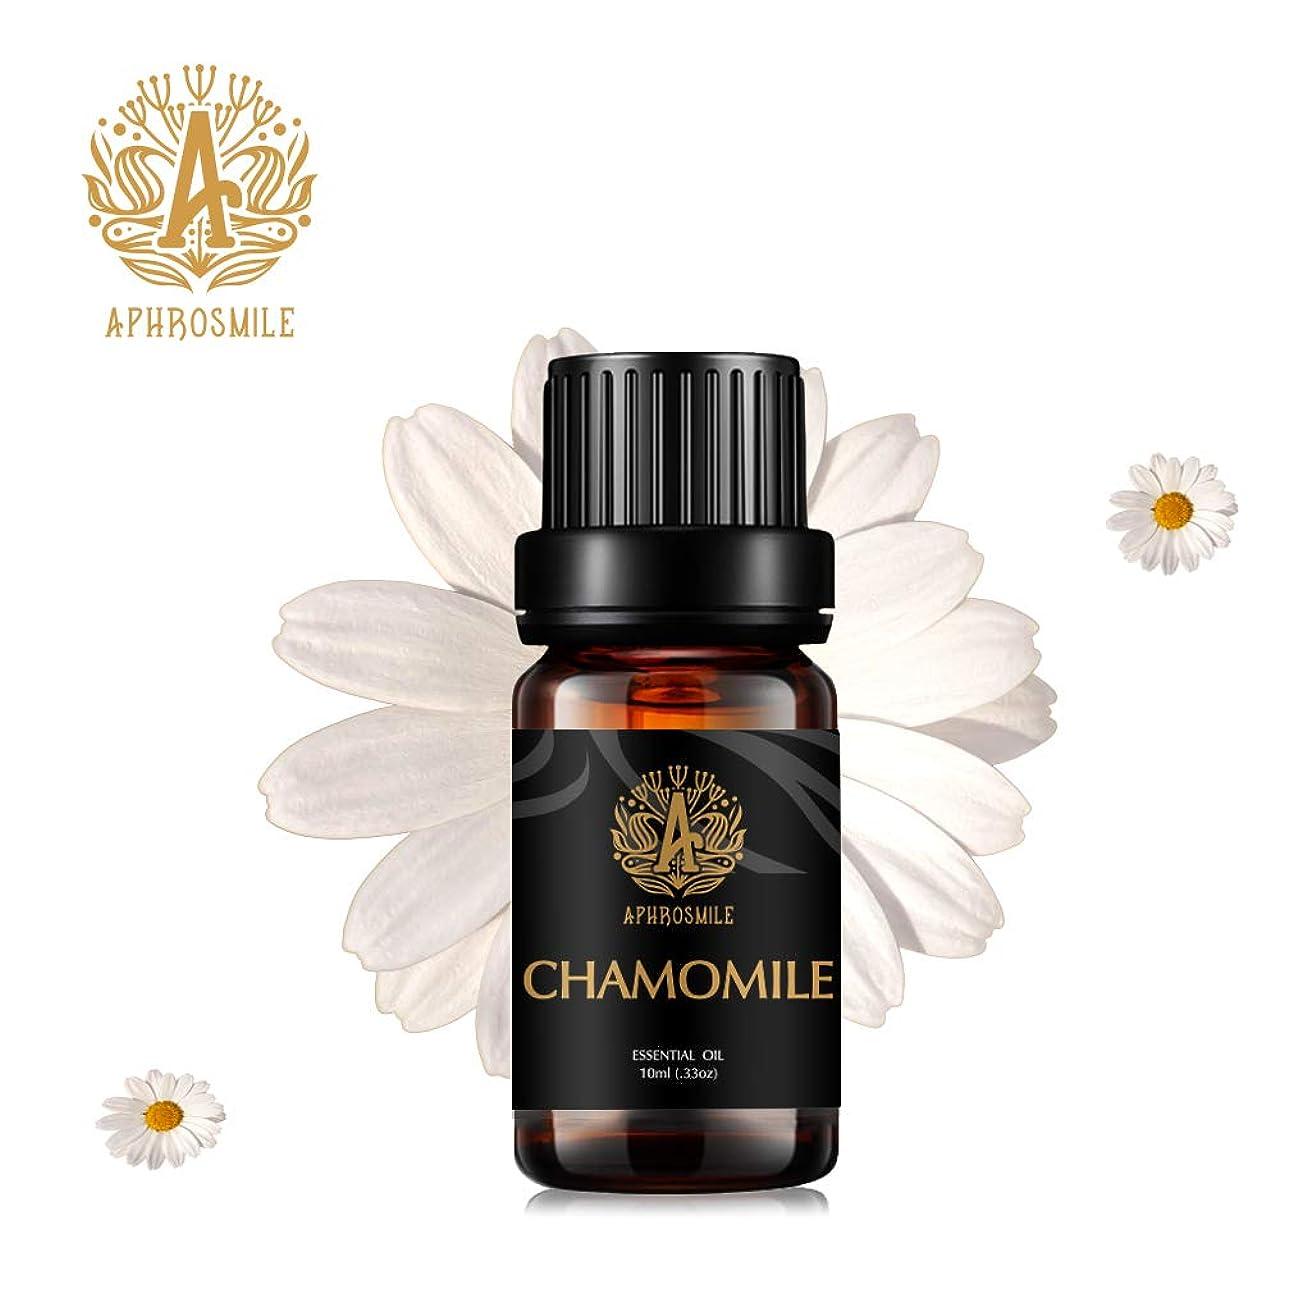 壊す可塑性明日カモミールエッセンシャルオイル、100%純粋なアロマセラピーエッセンシャルオイルカモミールの香り、不安を和らげます、治療上の等級の精油のカモミールの芳香のために拡散器、マッサージ、加湿器、毎日の心配、0.33オンス-10ml